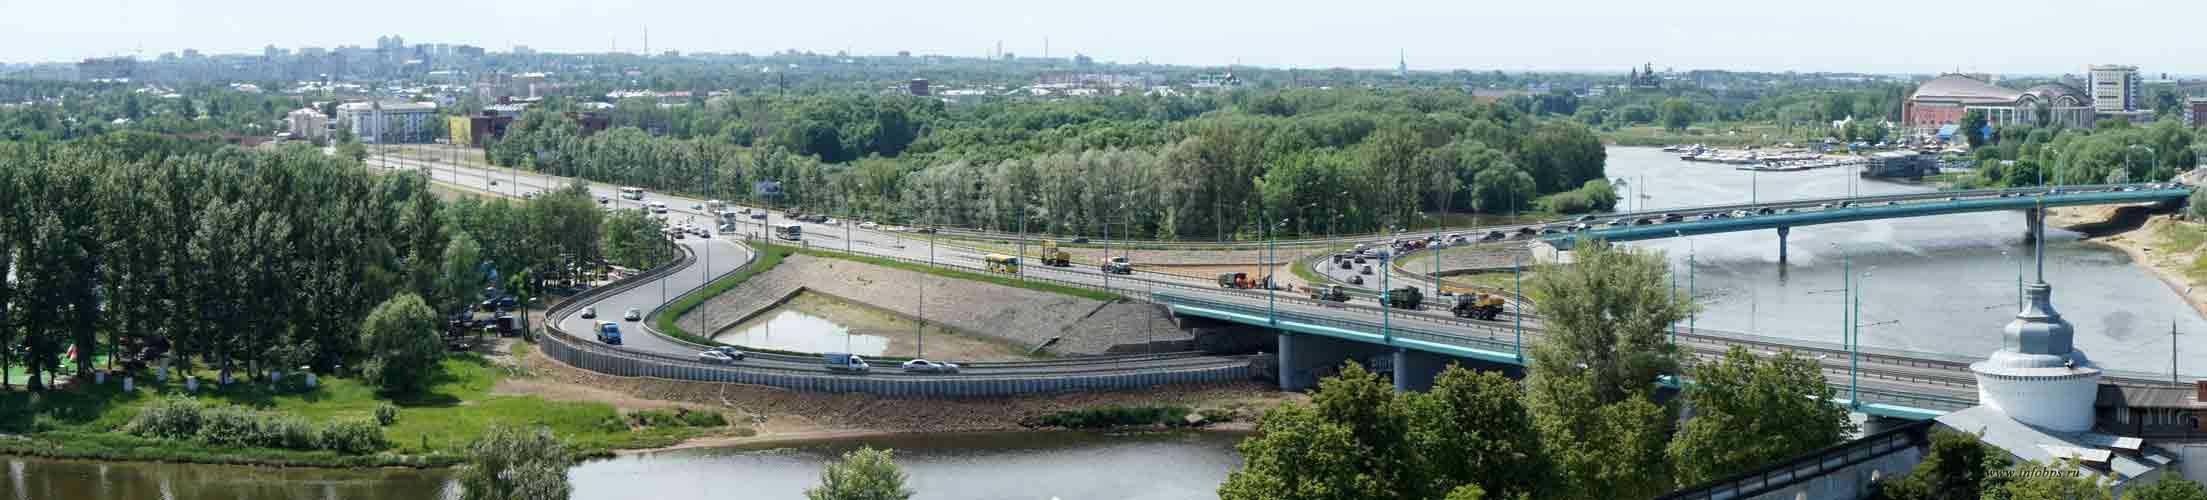 Панорамы города Ярославля - вид со звонницы